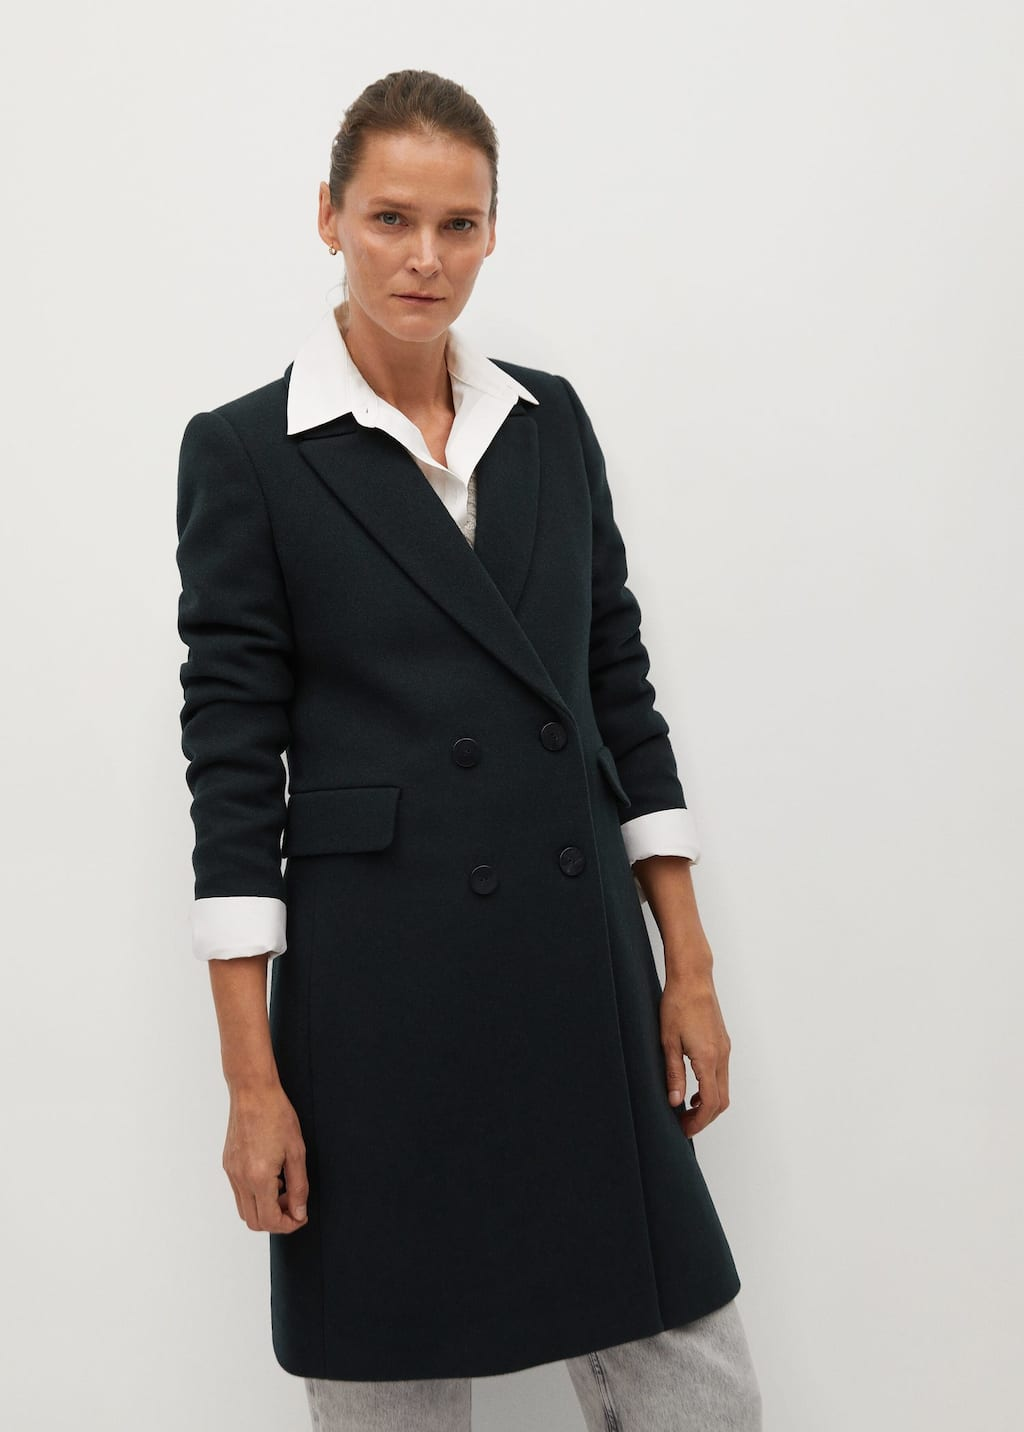 Manteau en laine à double boutonnage - Plan moyen